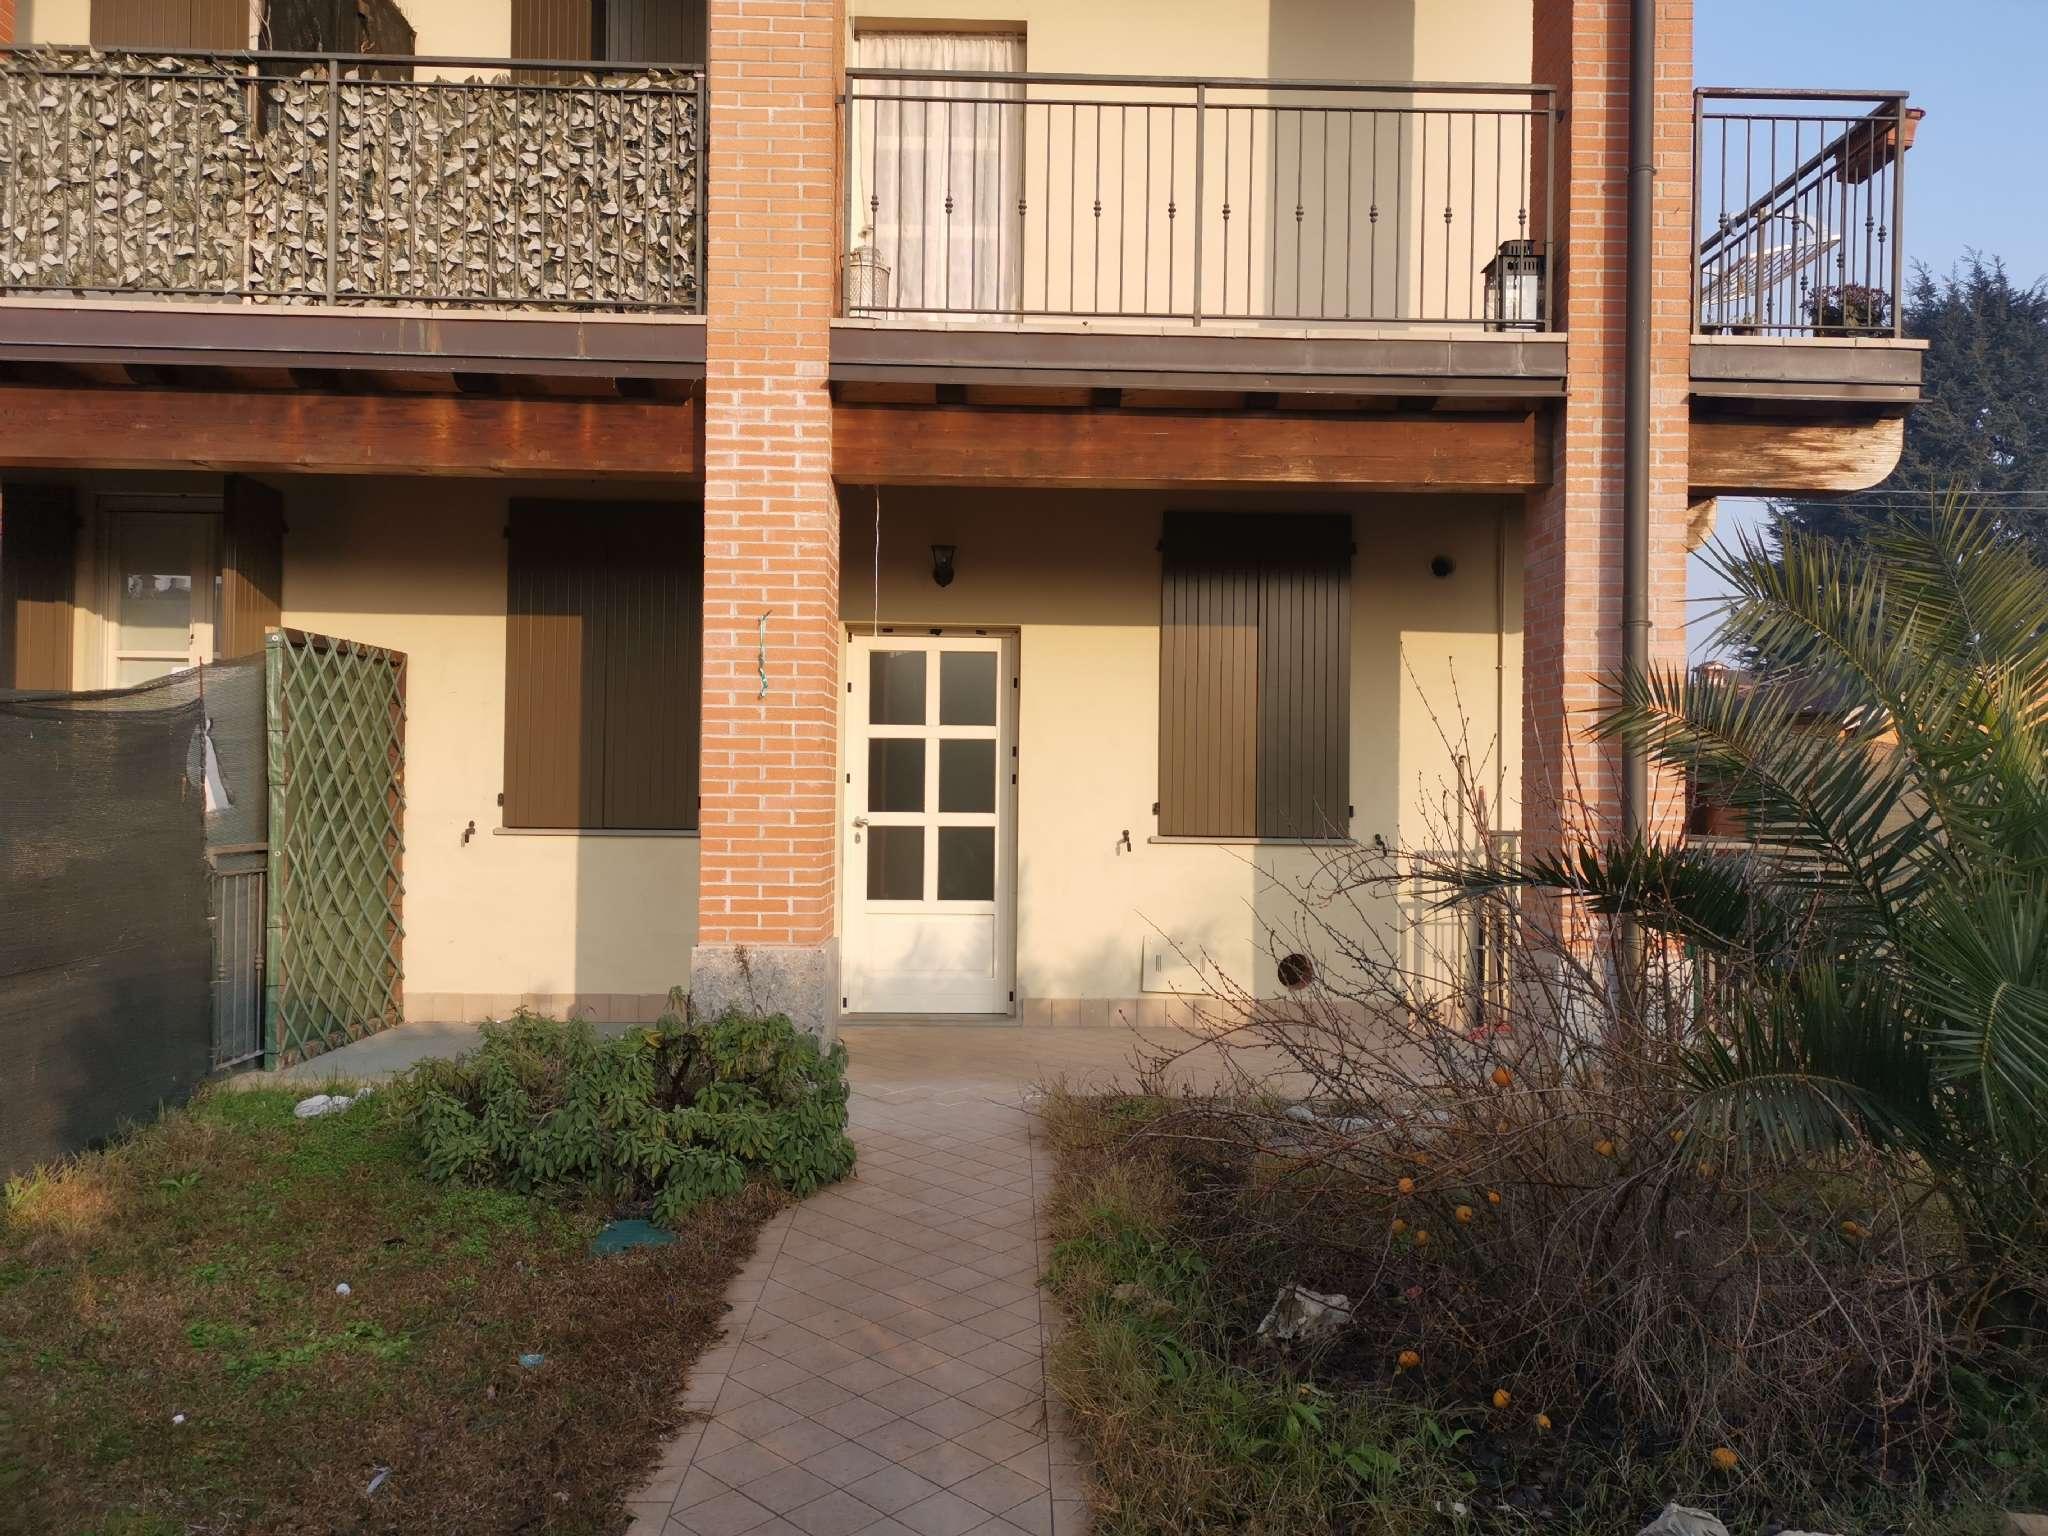 Appartamento in vendita a Bagnolo Cremasco, 3 locali, prezzo € 160.000   PortaleAgenzieImmobiliari.it